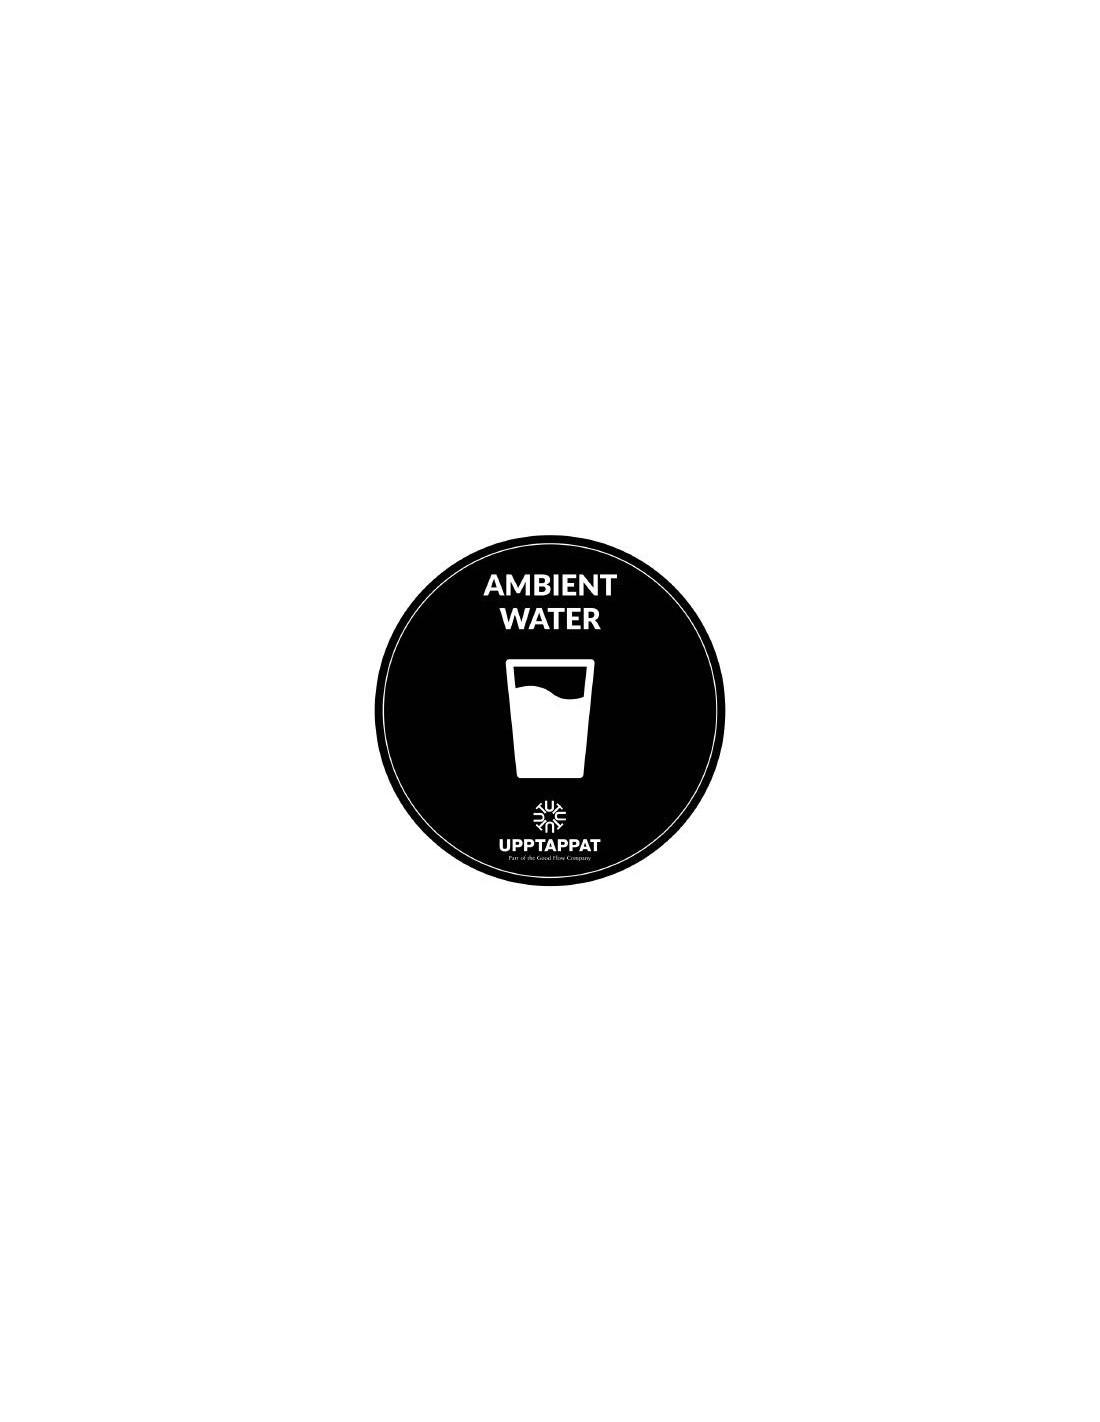 """UPP00206 - Tillbehör - Välvd dekal med texten """"Ambient water"""" vit text på svart botten ⌀82 mm"""